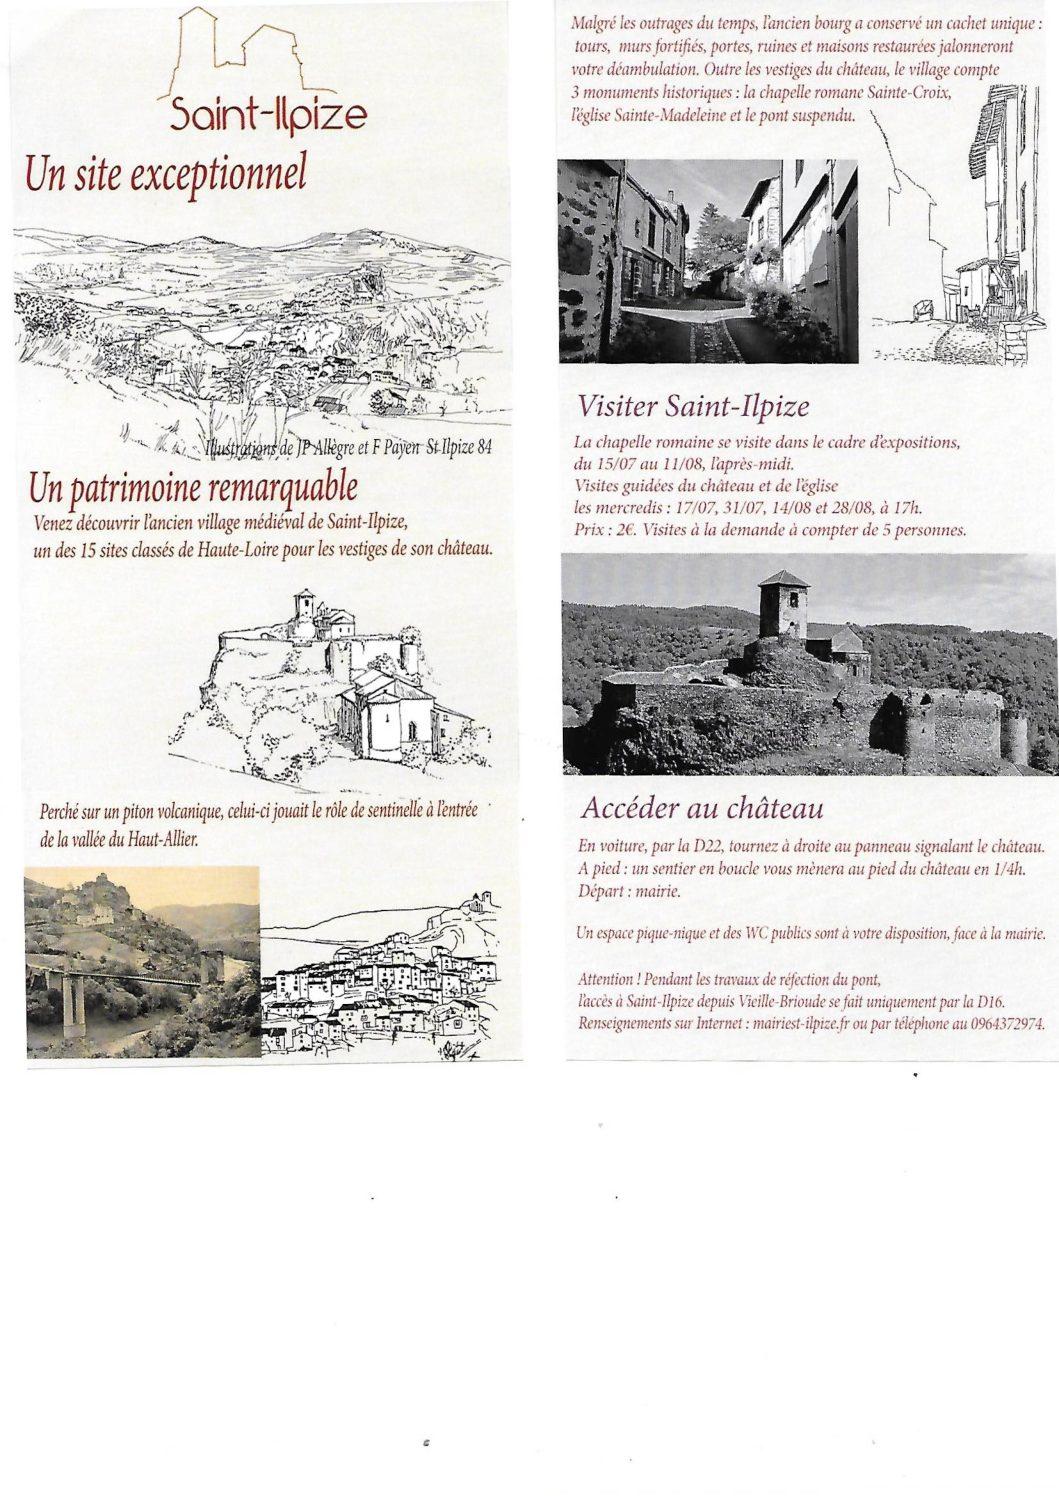 Un «flyer» pour Saint-Ilpize